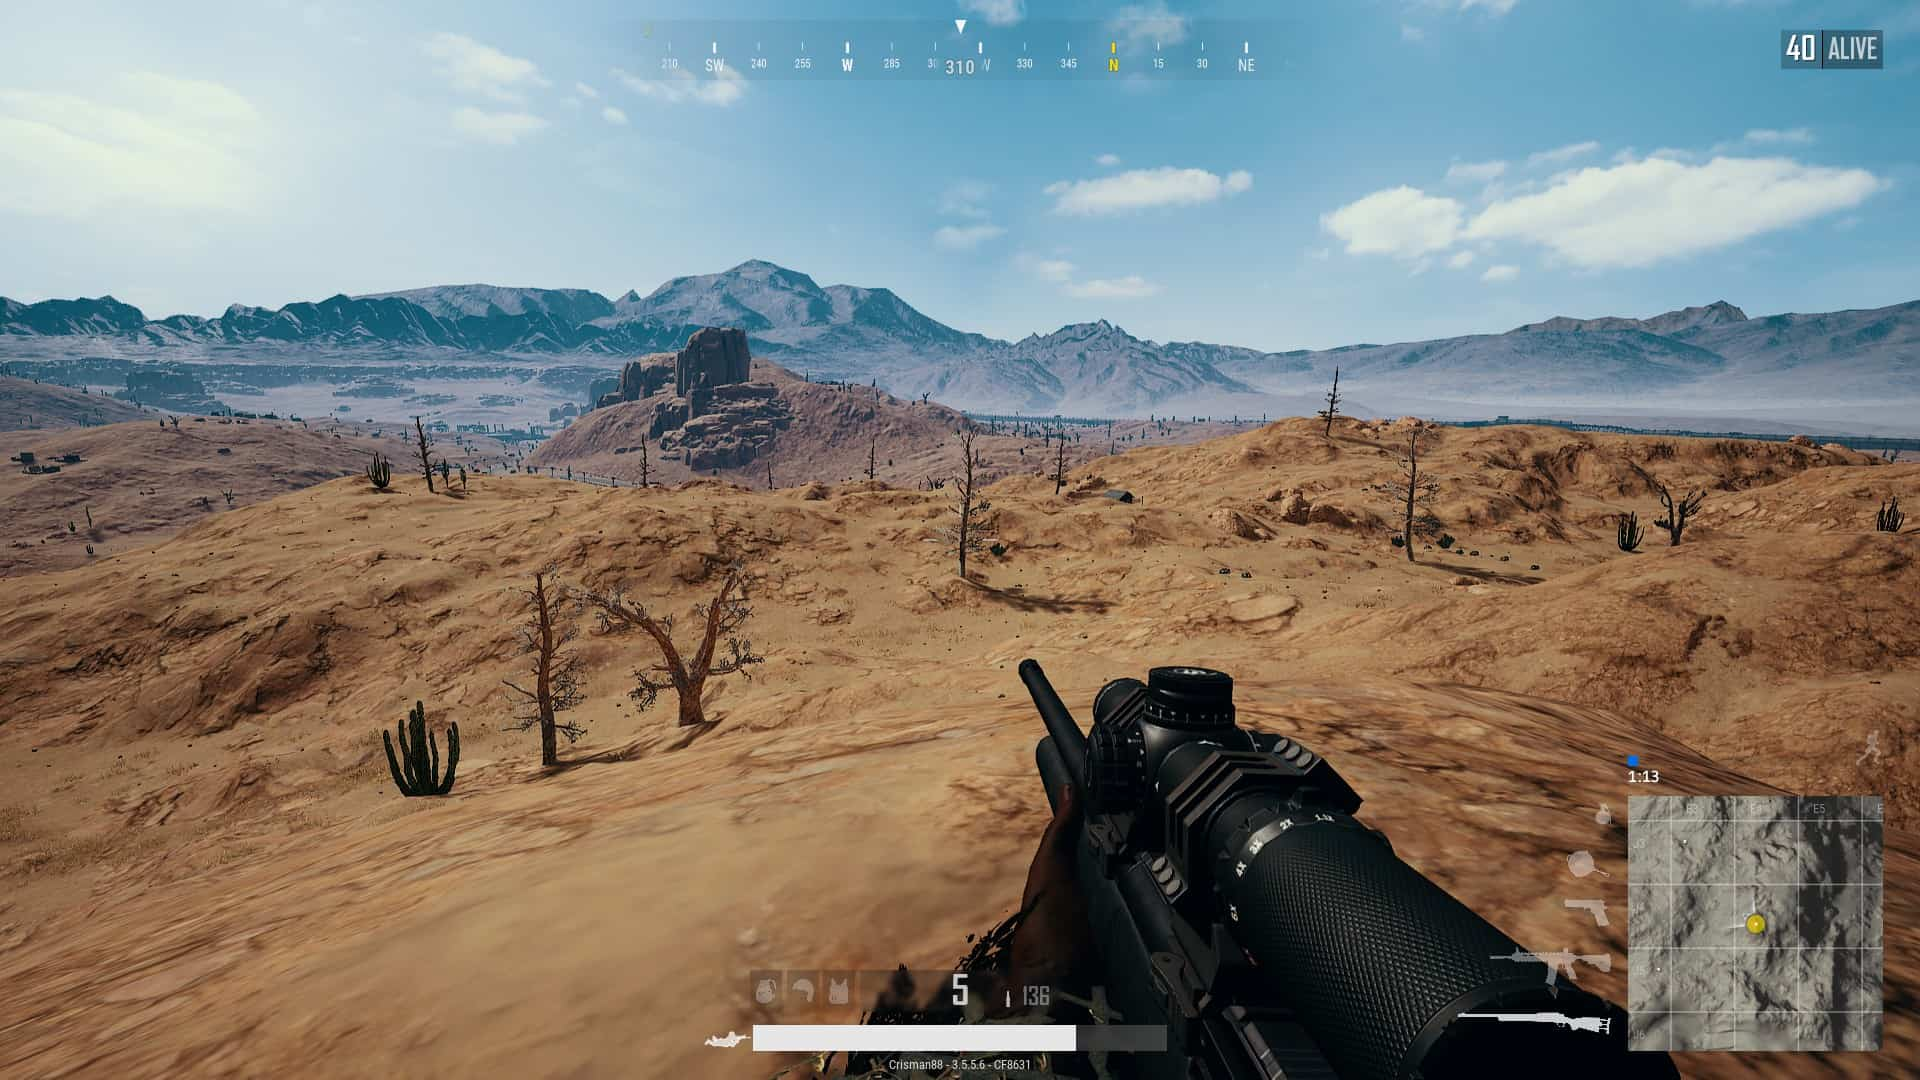 PUBG rece 2 - Playerunknown's Battlegrounds - Recensione